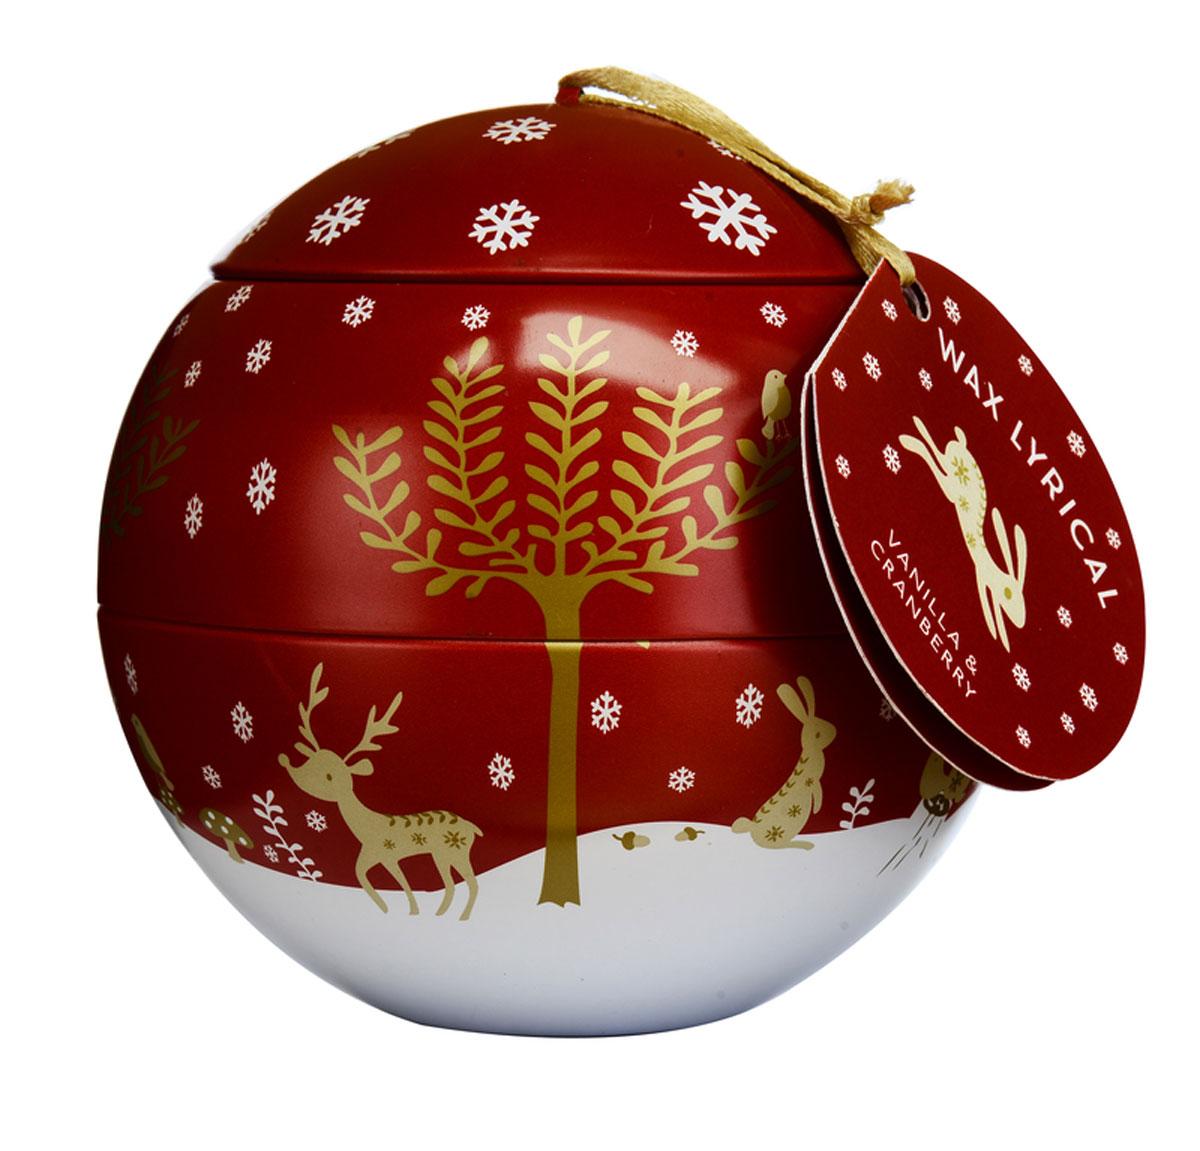 Свеча ароматизированная Wax Lyrical Зимняя ягода, 430 гБрелок для ключейСвеча ароматизированная Wax Lyrical Зимняя ягода имеет сладкая ягода, собранная в зимнем лесу. Она сохраняет в себе свои магические свойства и наполняет дом невероятно любимым праздничным ароматом с глубокой ванильной основой.